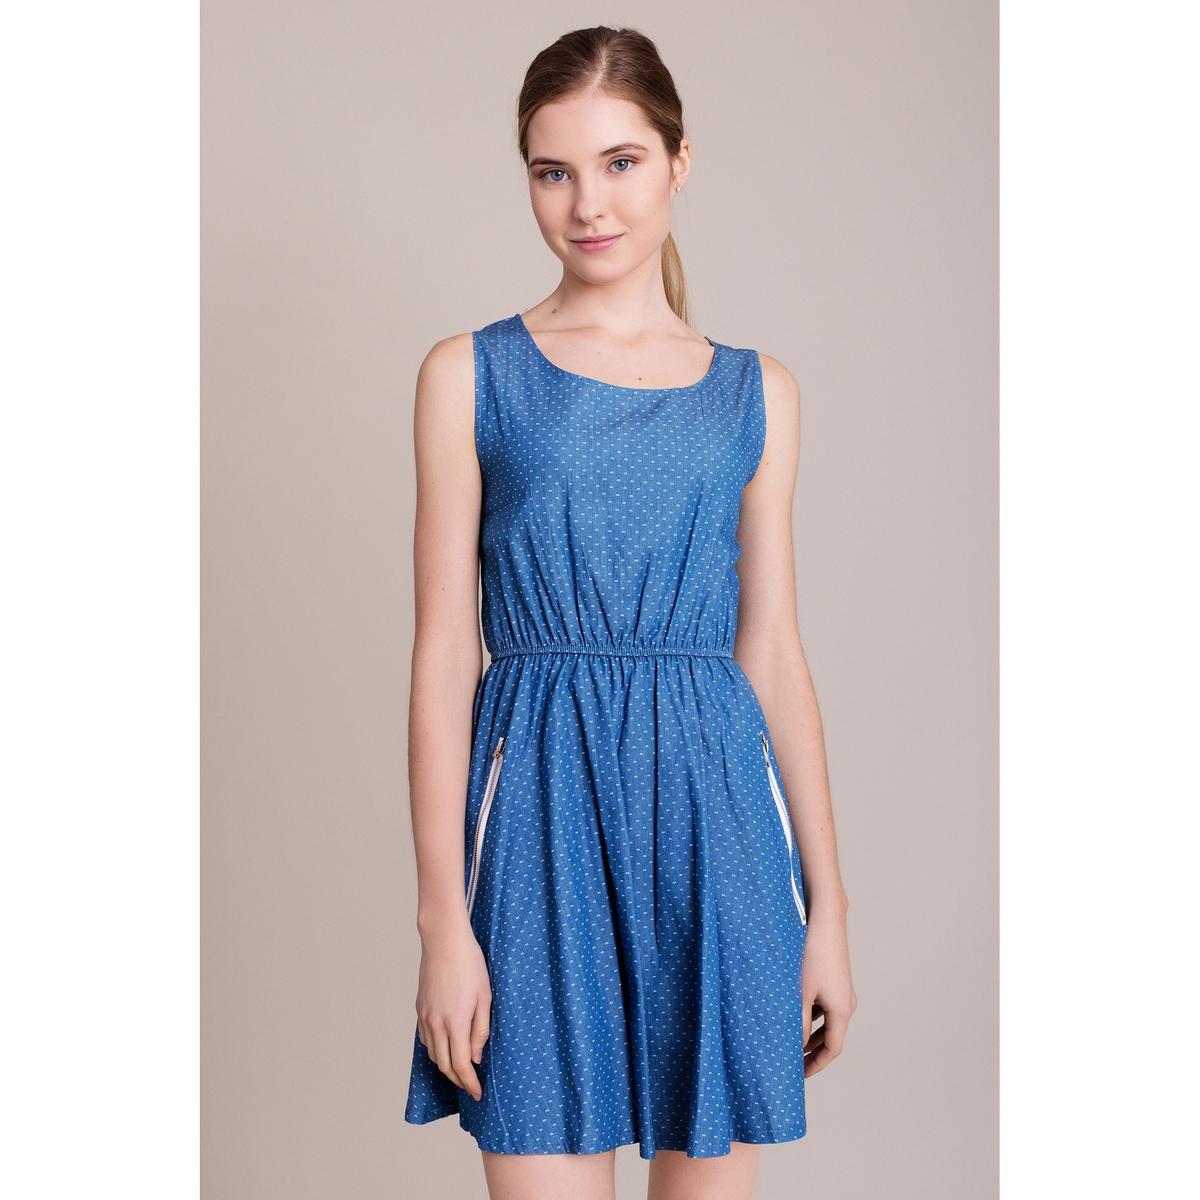 Платье в горошек, без рукавовХарактеристики и описание        Материал         100% полиэстера        Марка    MIGLE+ME<br><br>Цвет: синий